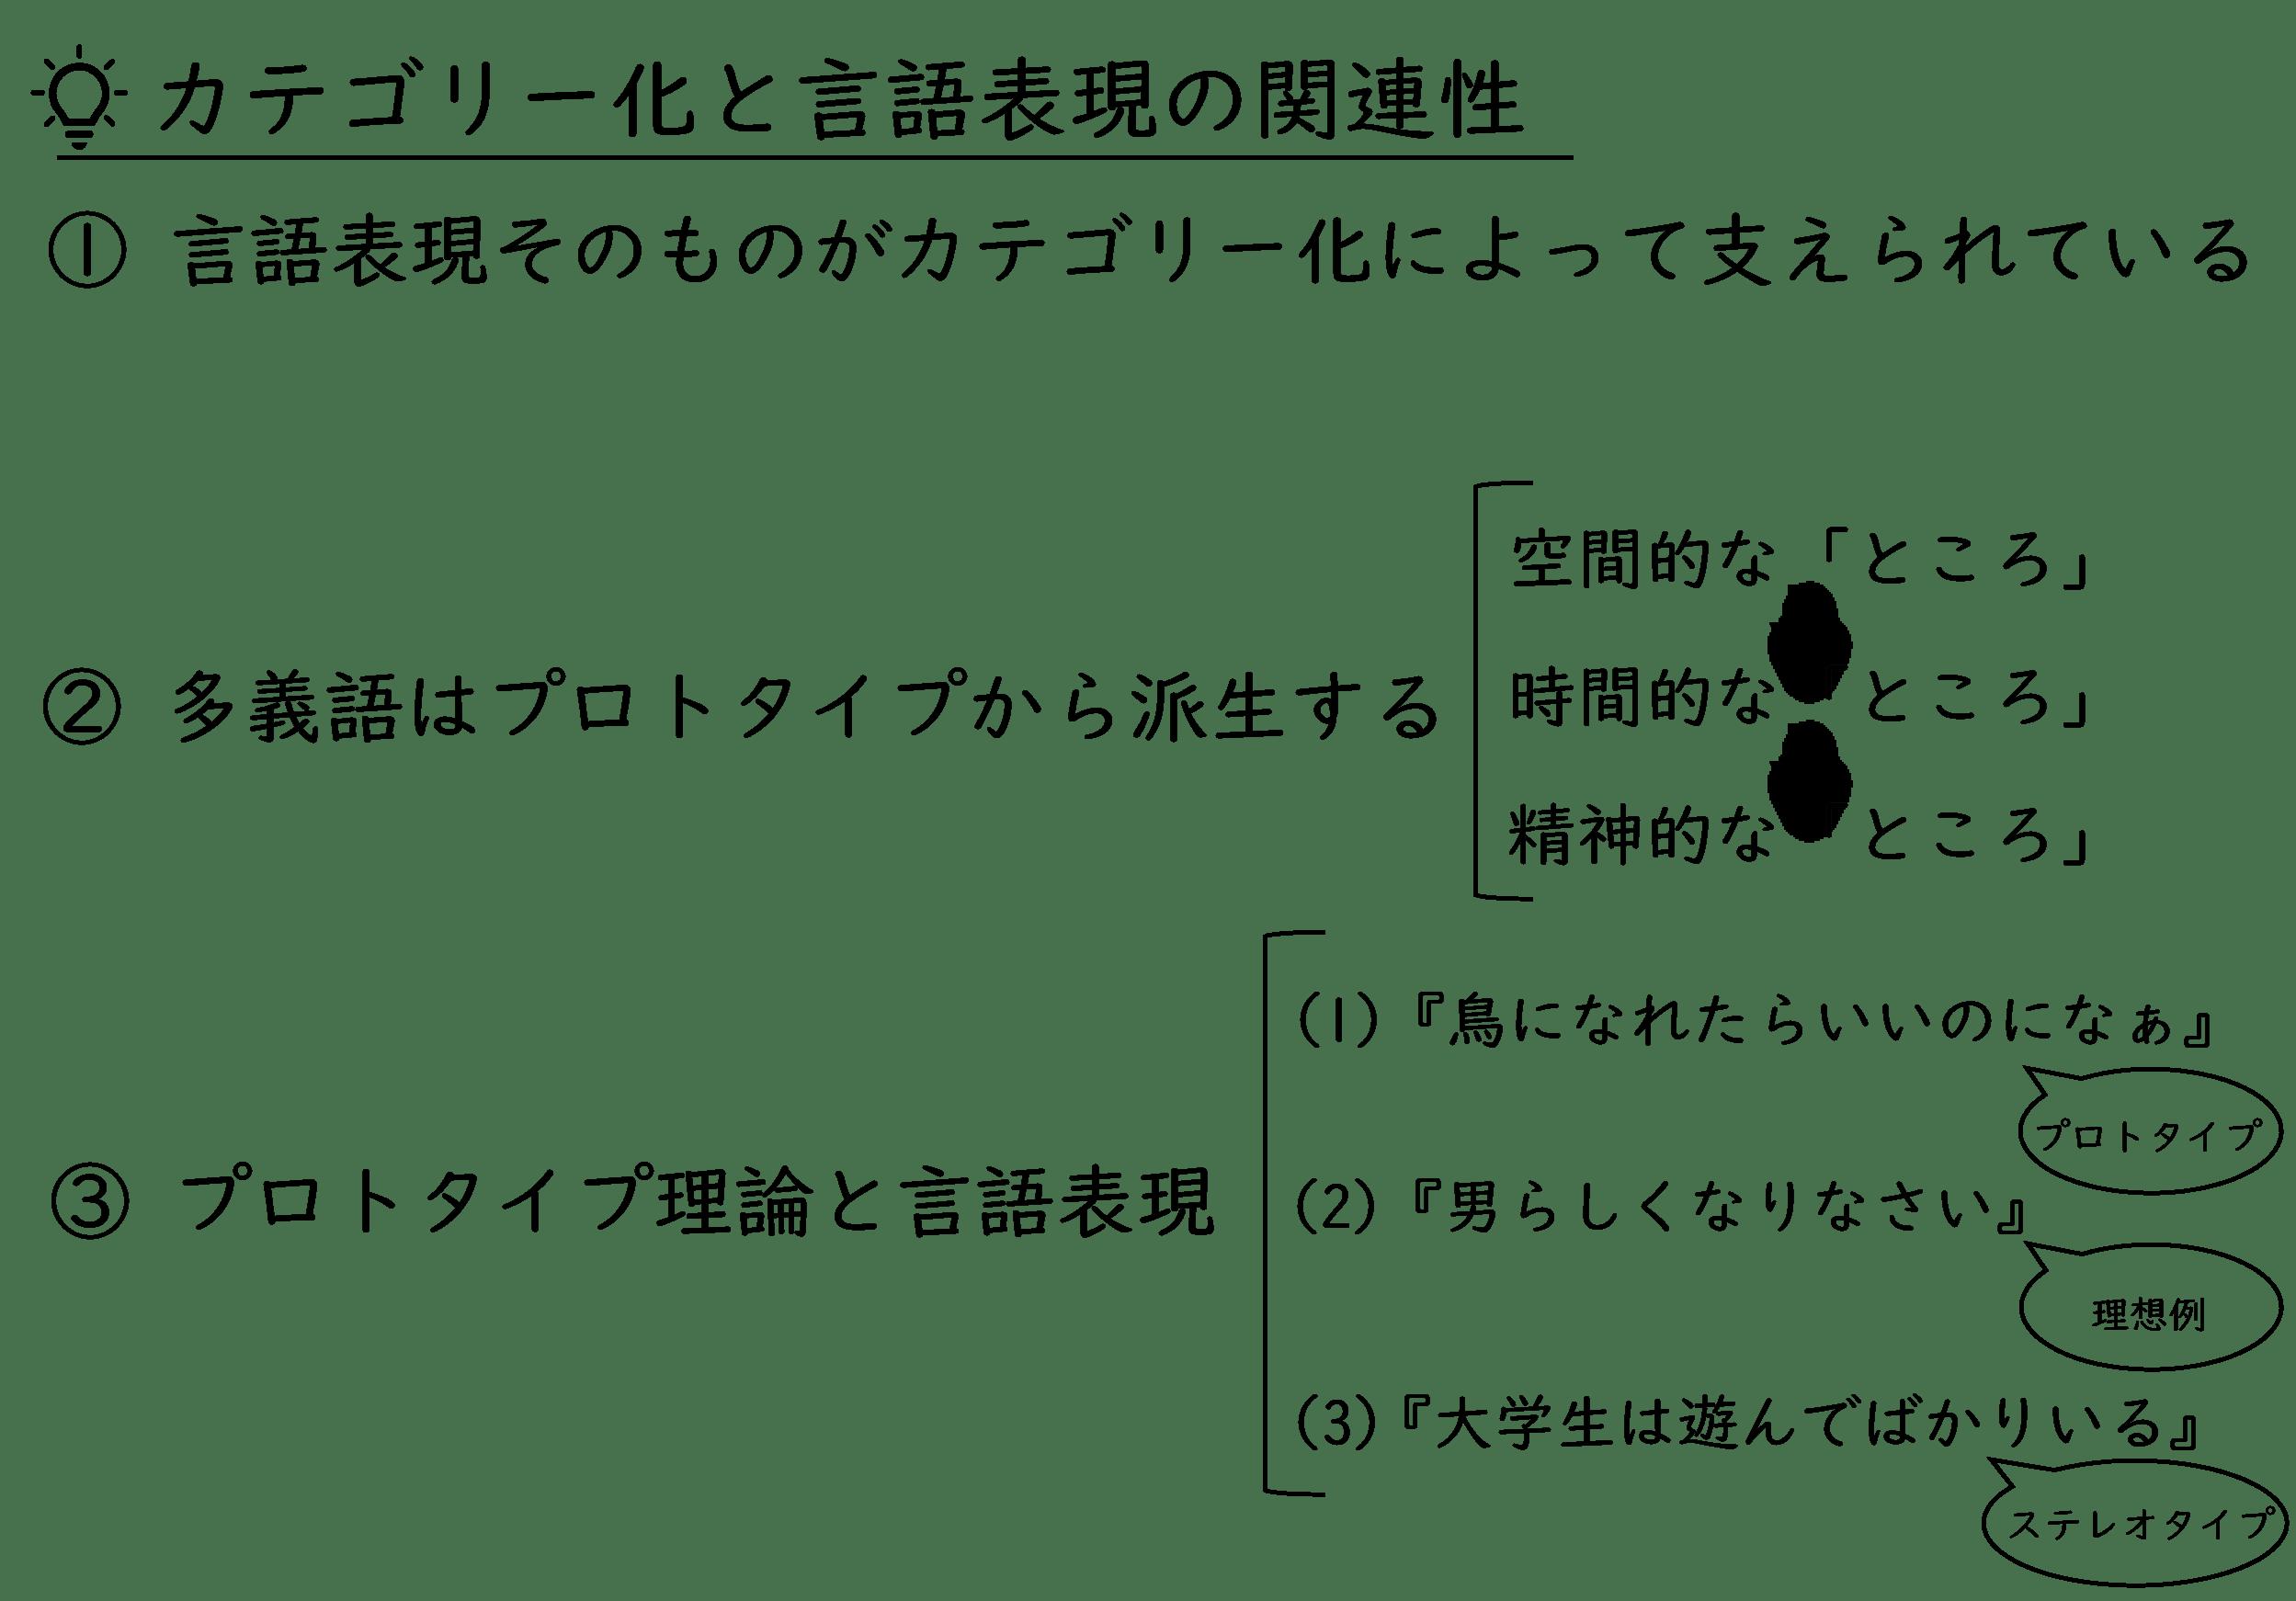 カテゴリー化と言語表現